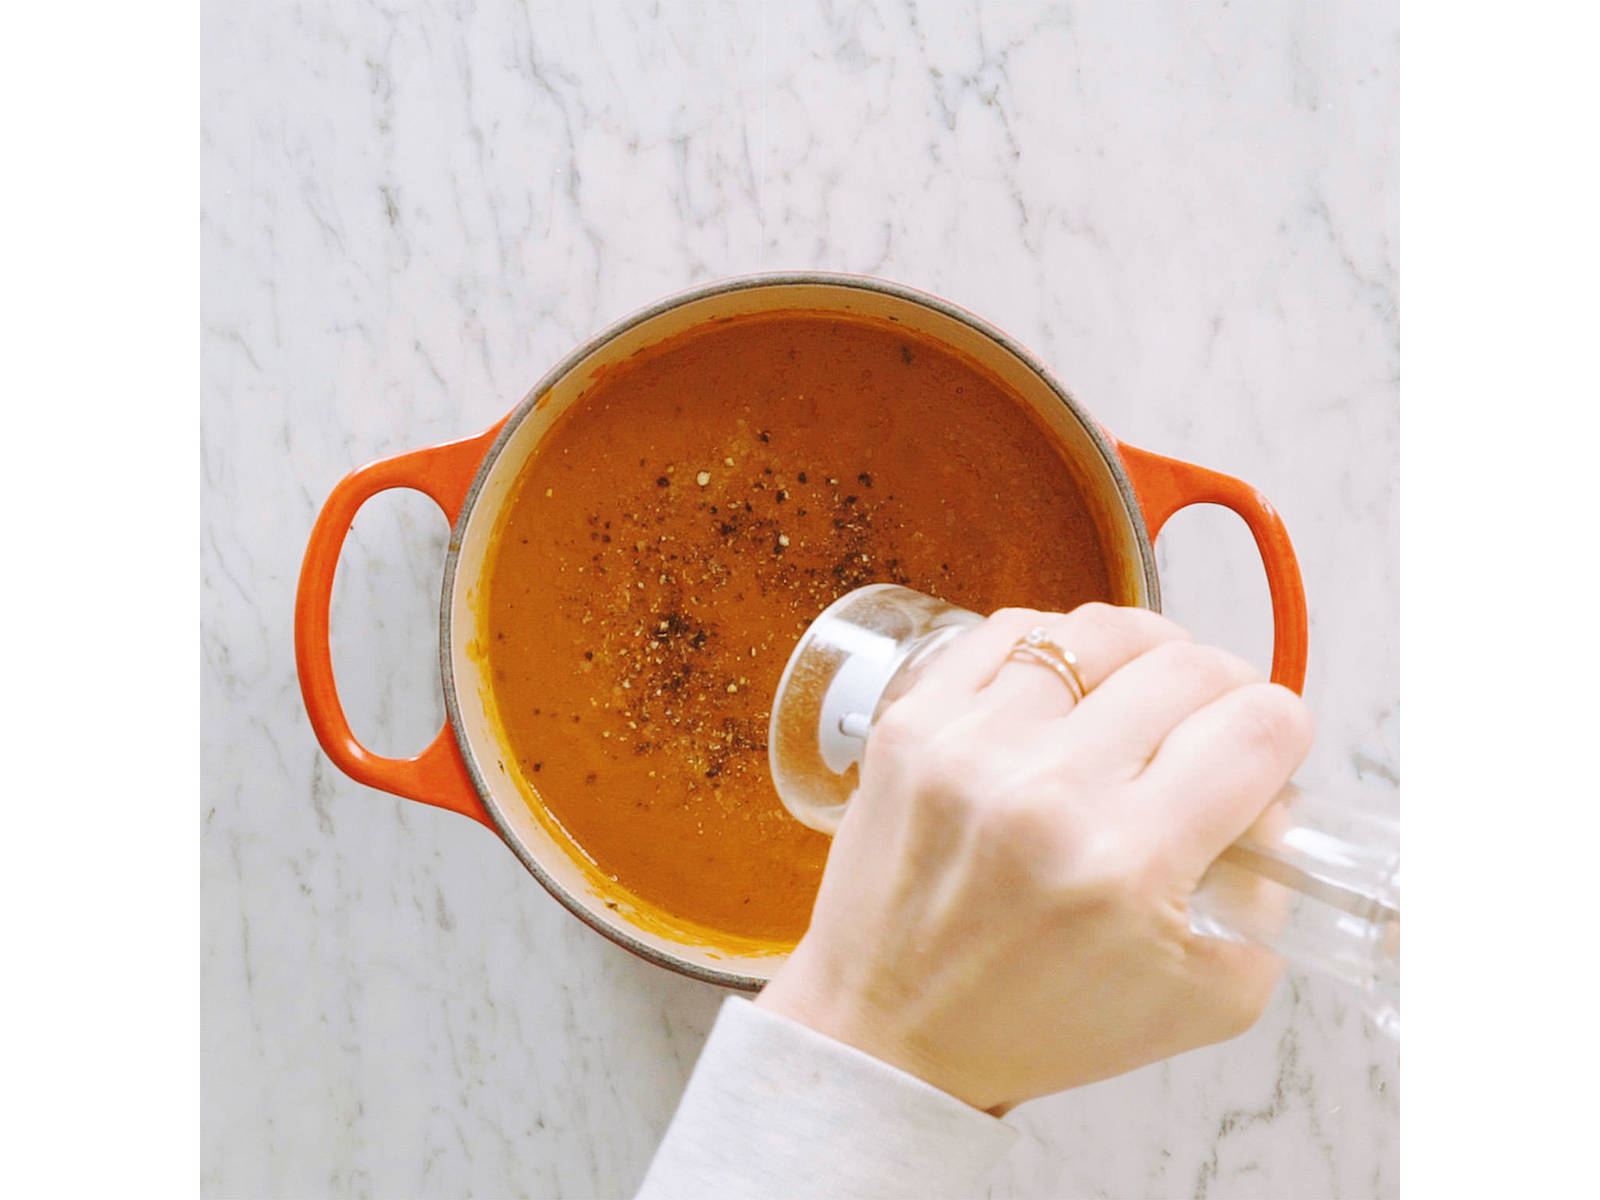 Tomatenstückchen, getrocknete Tomaten, Gemüsebrühe und Thymian in den Topf geben. Das Ganze ca. 15 min. köcheln lassen und anschließend mit einem Stabmixer pürieren. Mit Salz und Pfeffer abschmecken.